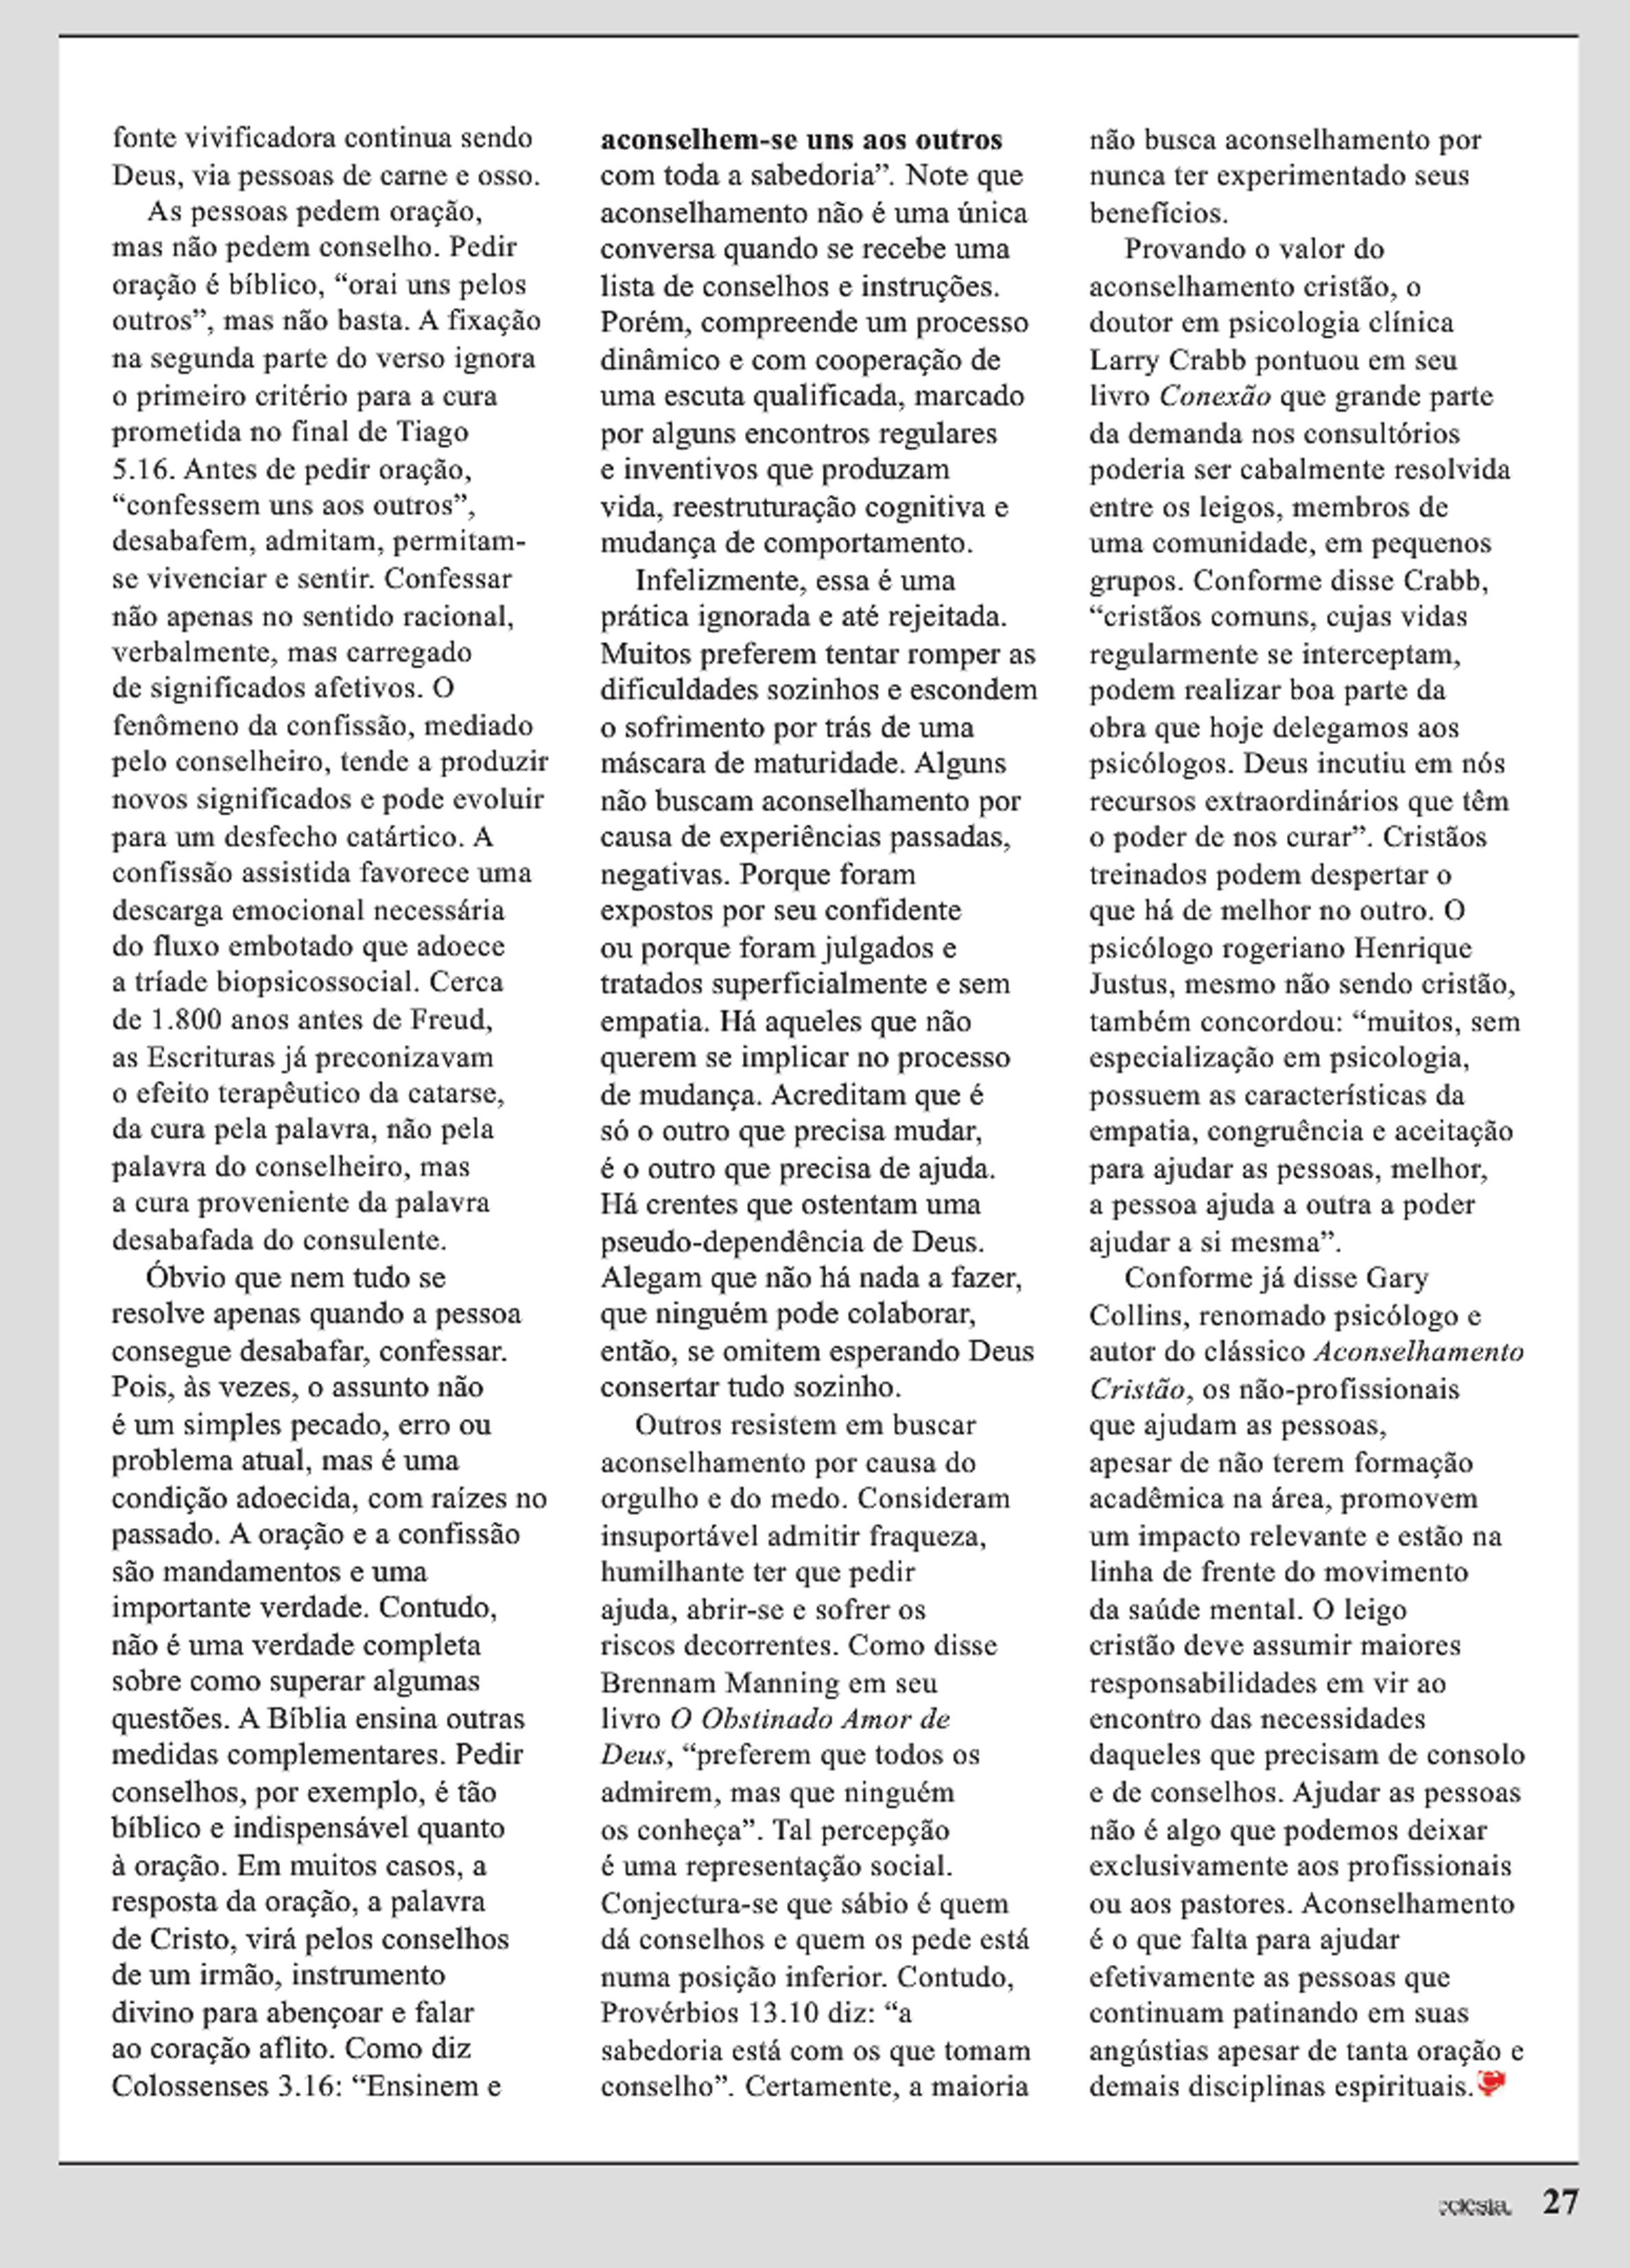 aconselhamento_revista-comunhao2